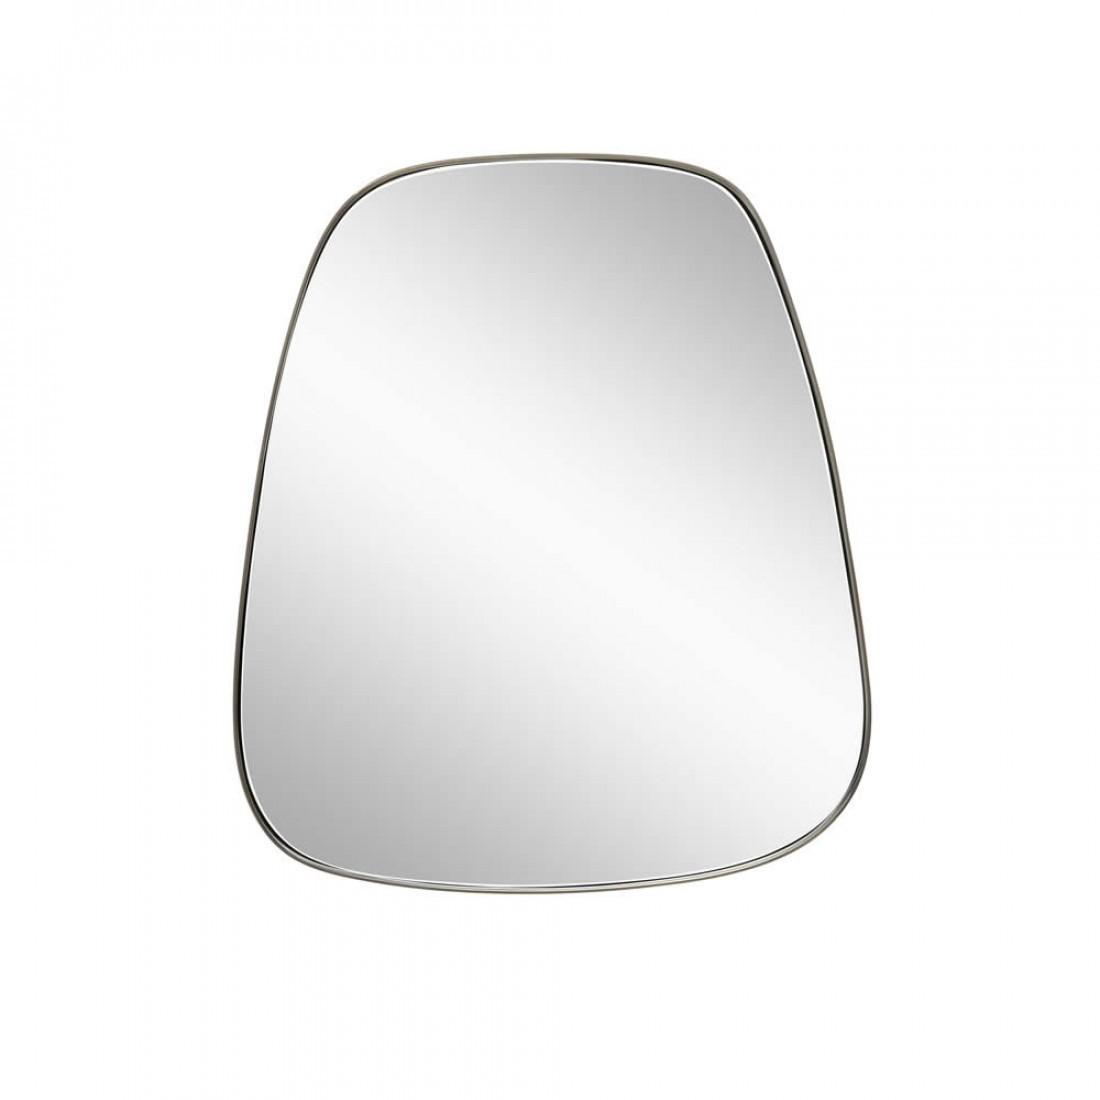 Hubsch hangende spiegel met metalen rand 48cm - Metalen spiegel ...